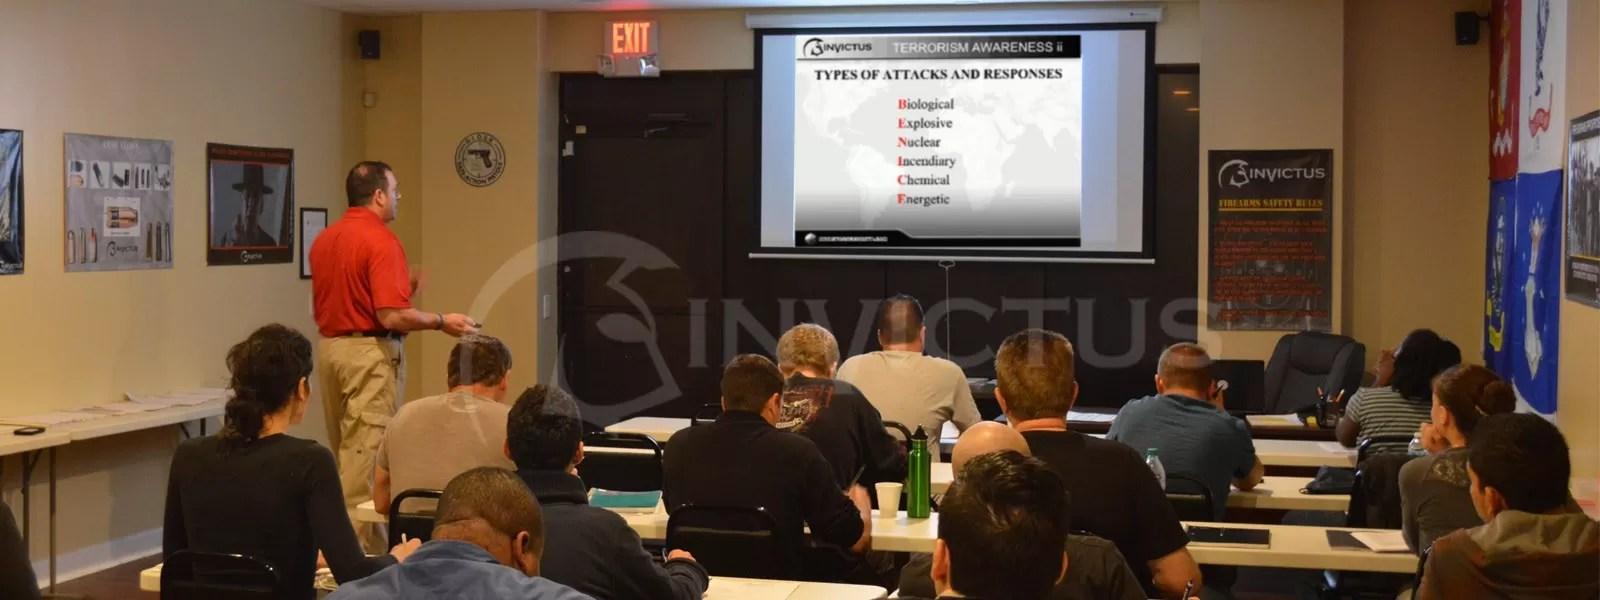 Invictus Security Training